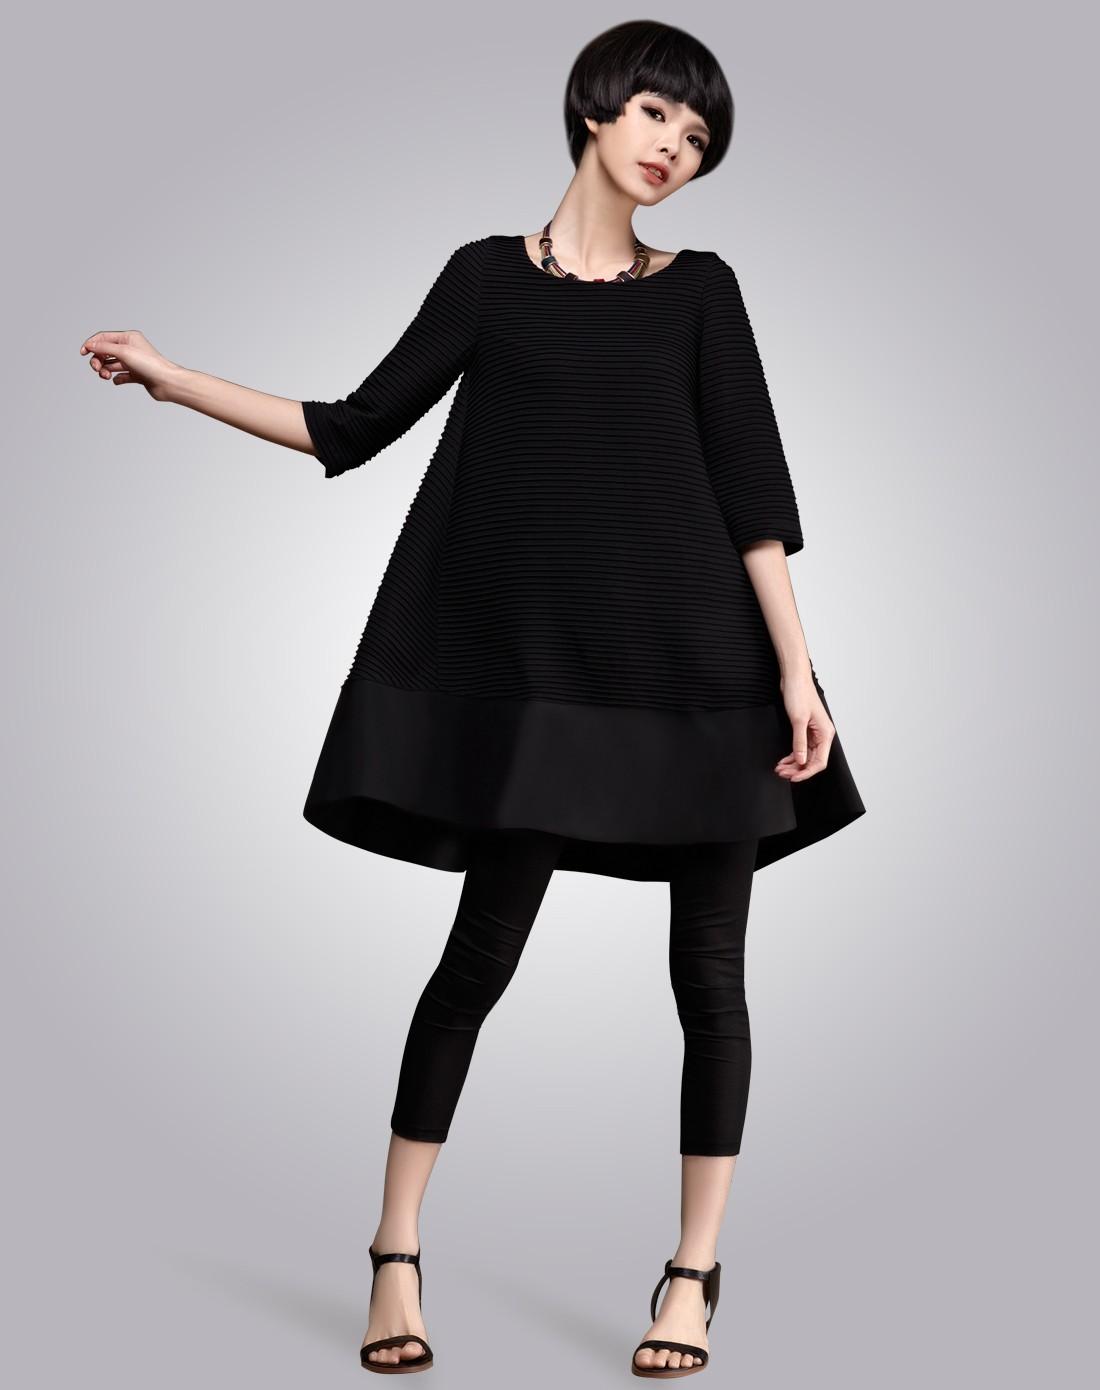 女黑色连衣裙